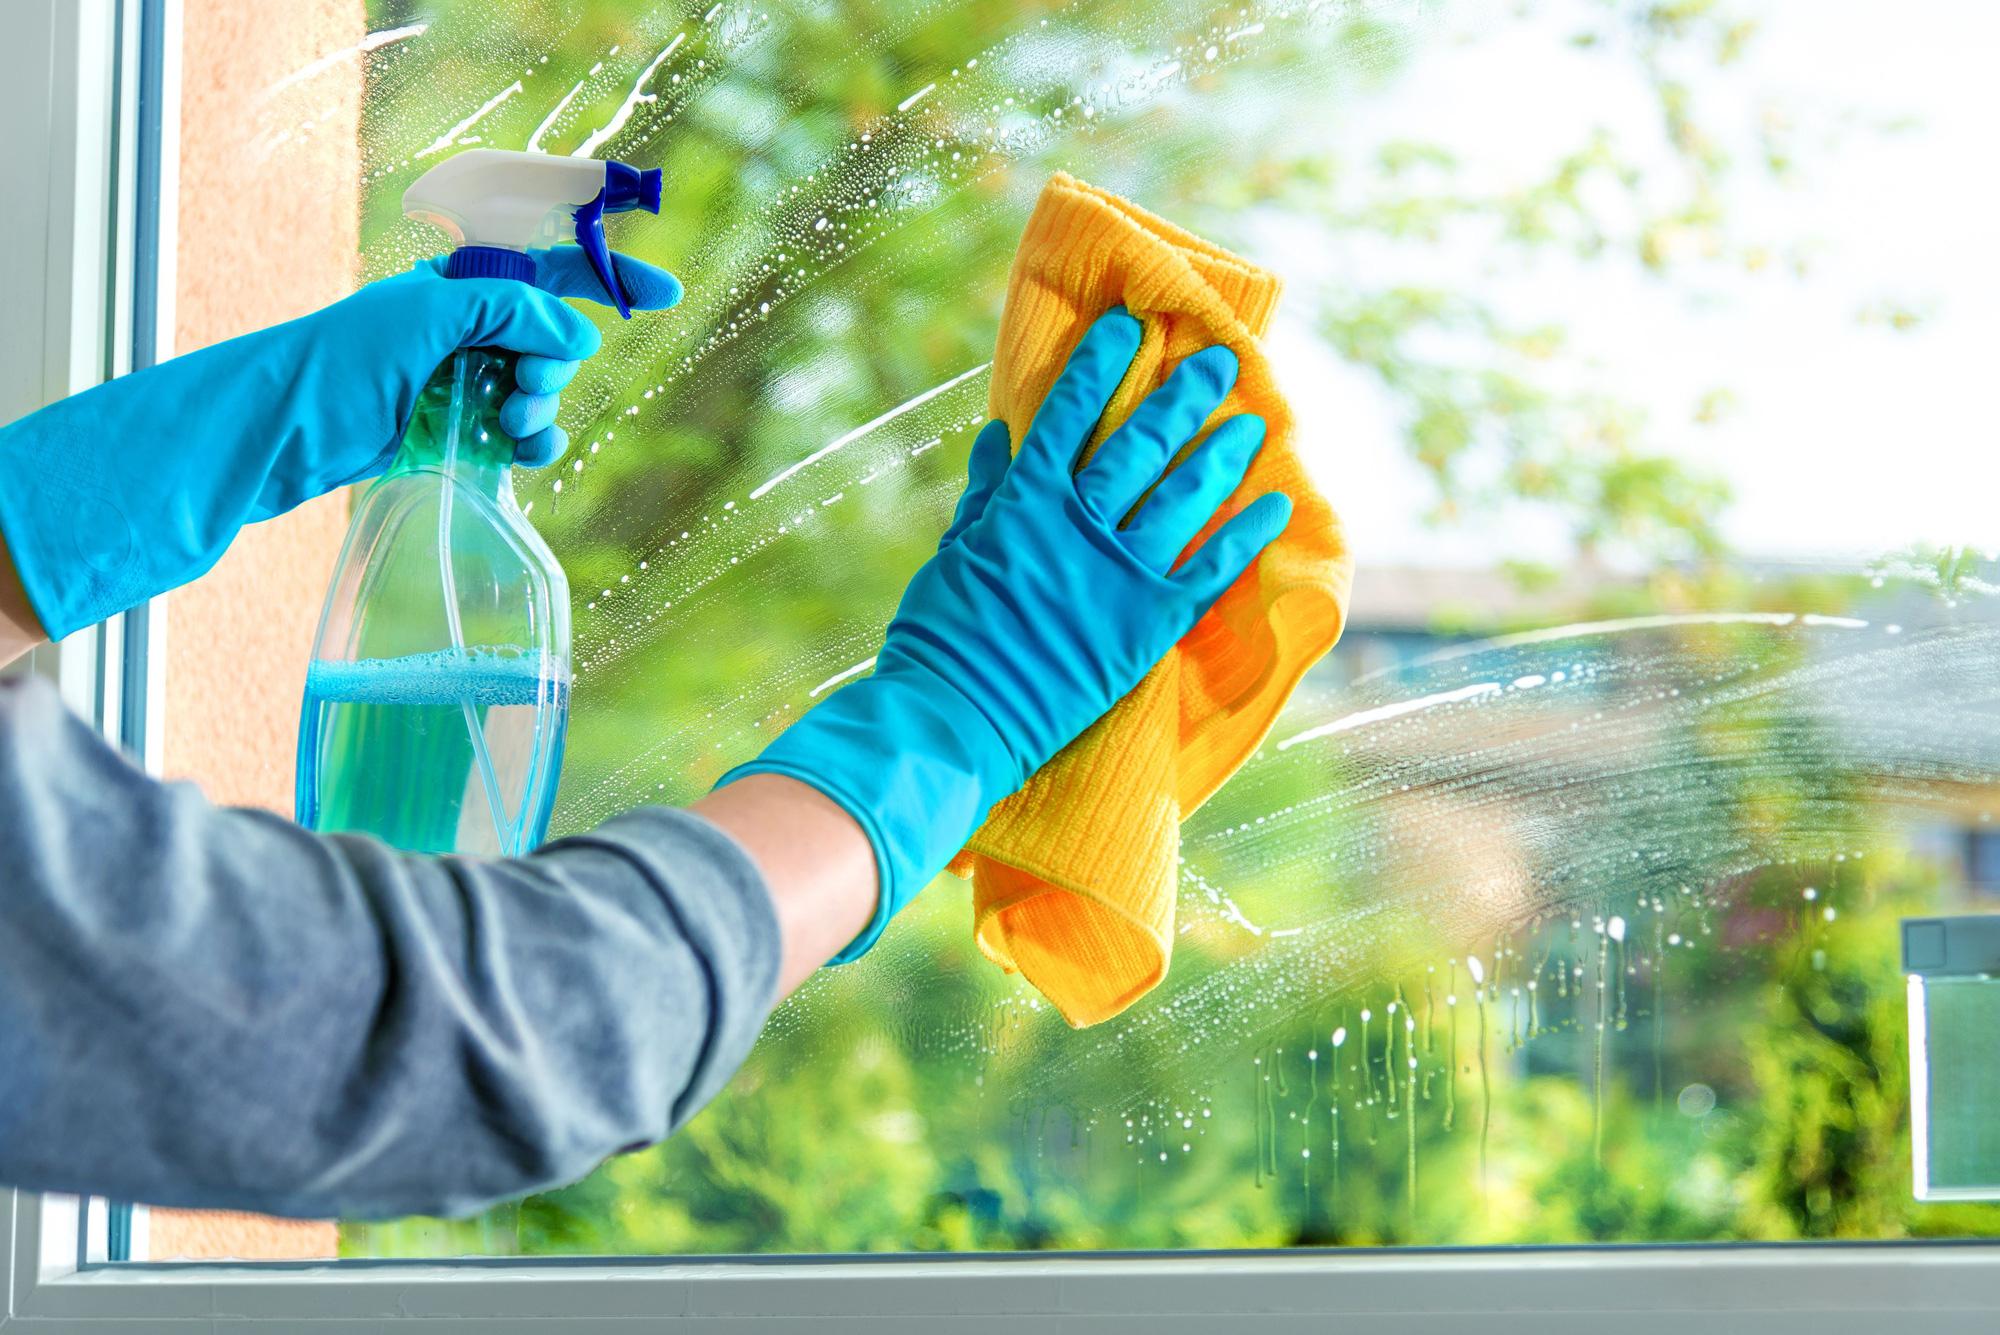 Bảo vệ sức khỏe mùa COVID qua 7 việc làm đơn giản tại nhà - Ảnh 2.